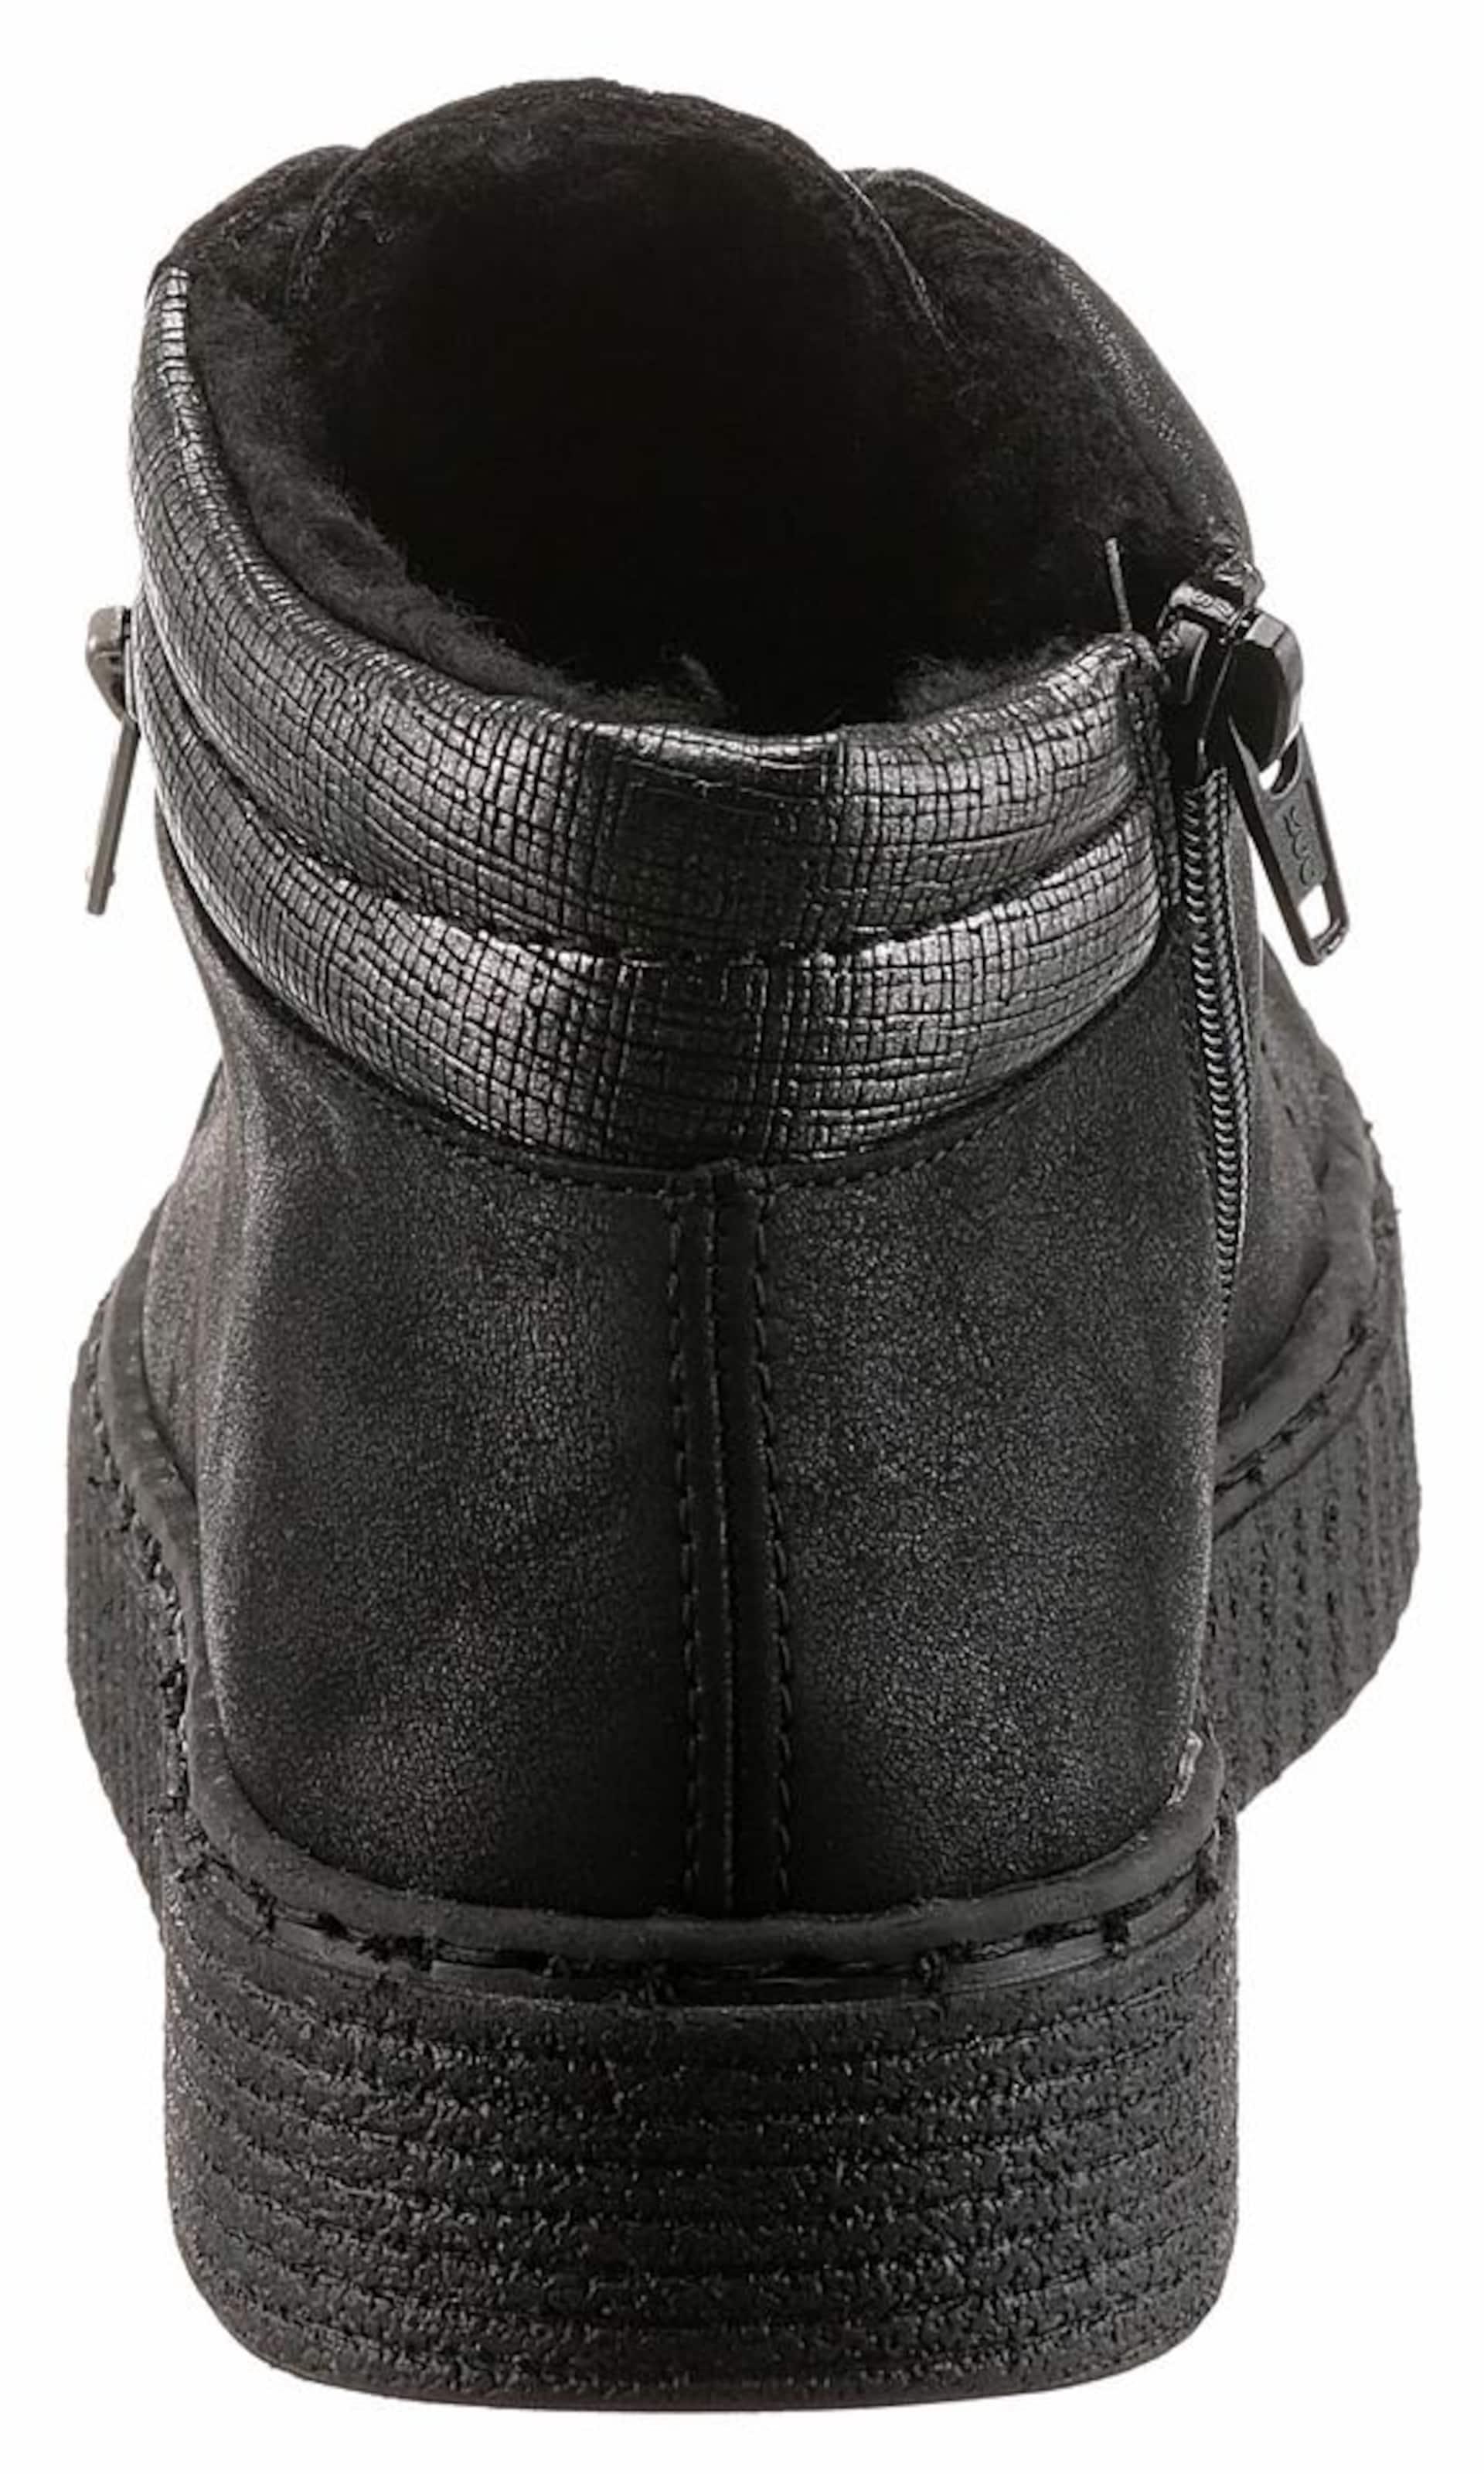 Sast Günstig Online RIEKER Sneaker Rabatt Neue Stile Steckdose Billig Authentisch Neuester Günstiger Preis Mit Visum Zahlen Zu Verkaufen O6EbDJpby